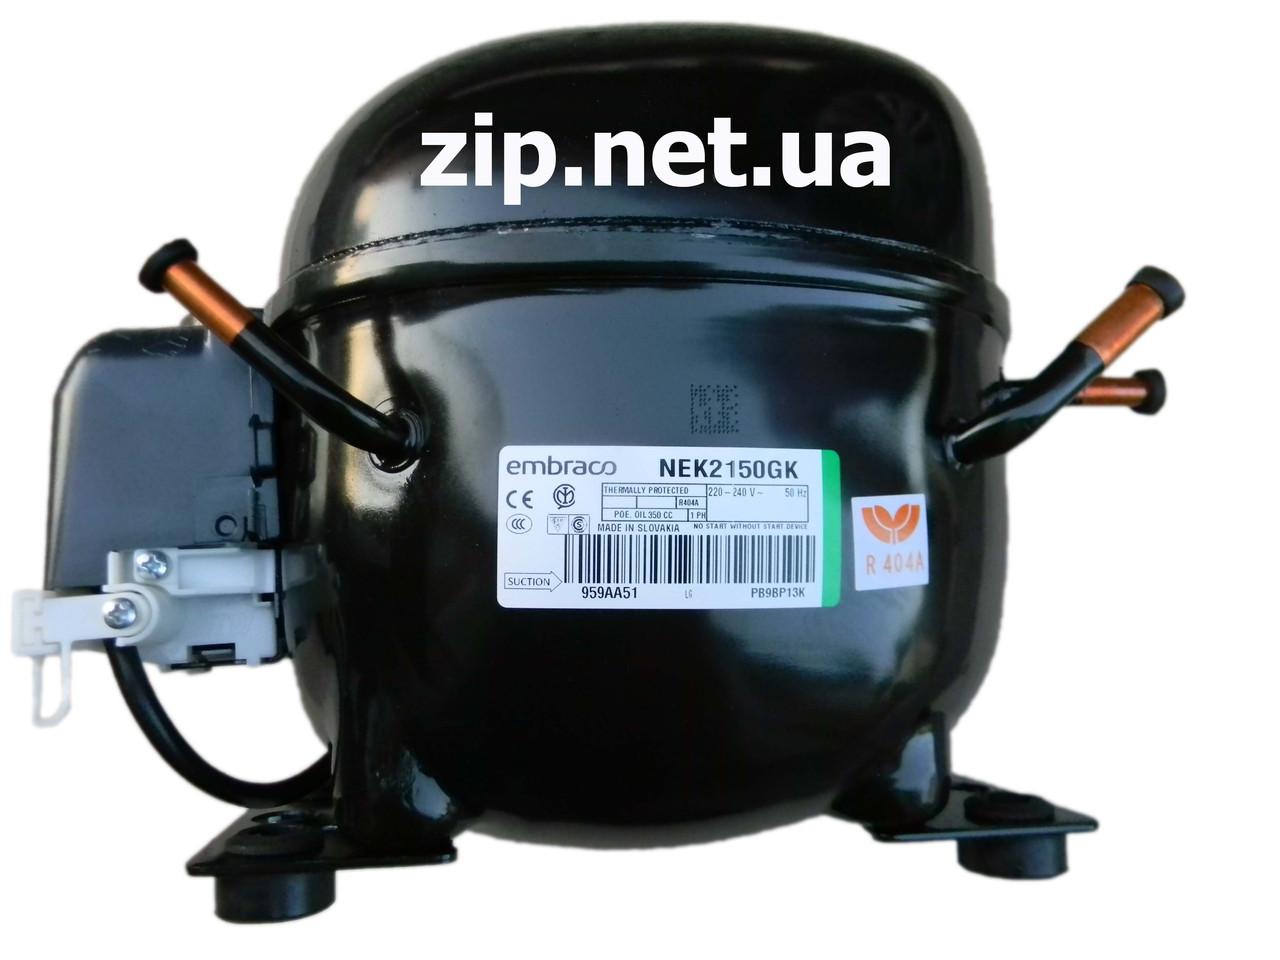 Компрессор embraco aspera NEK 2150 GK R-404a R-507 (220v)